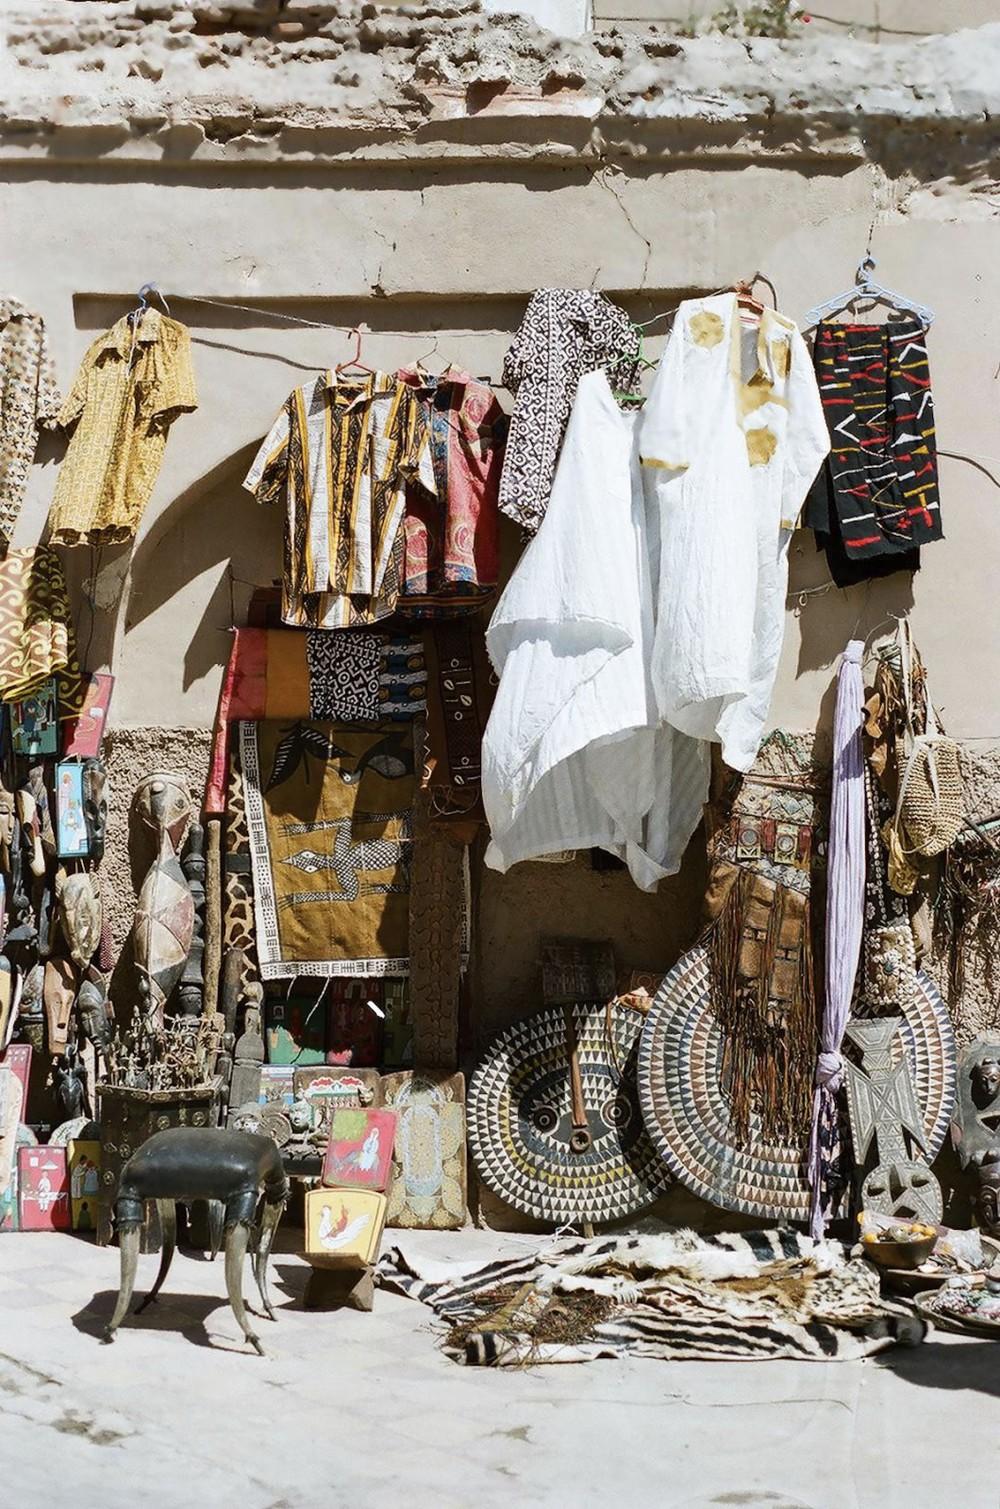 201303-Marrakech-134,xlarge.jpg